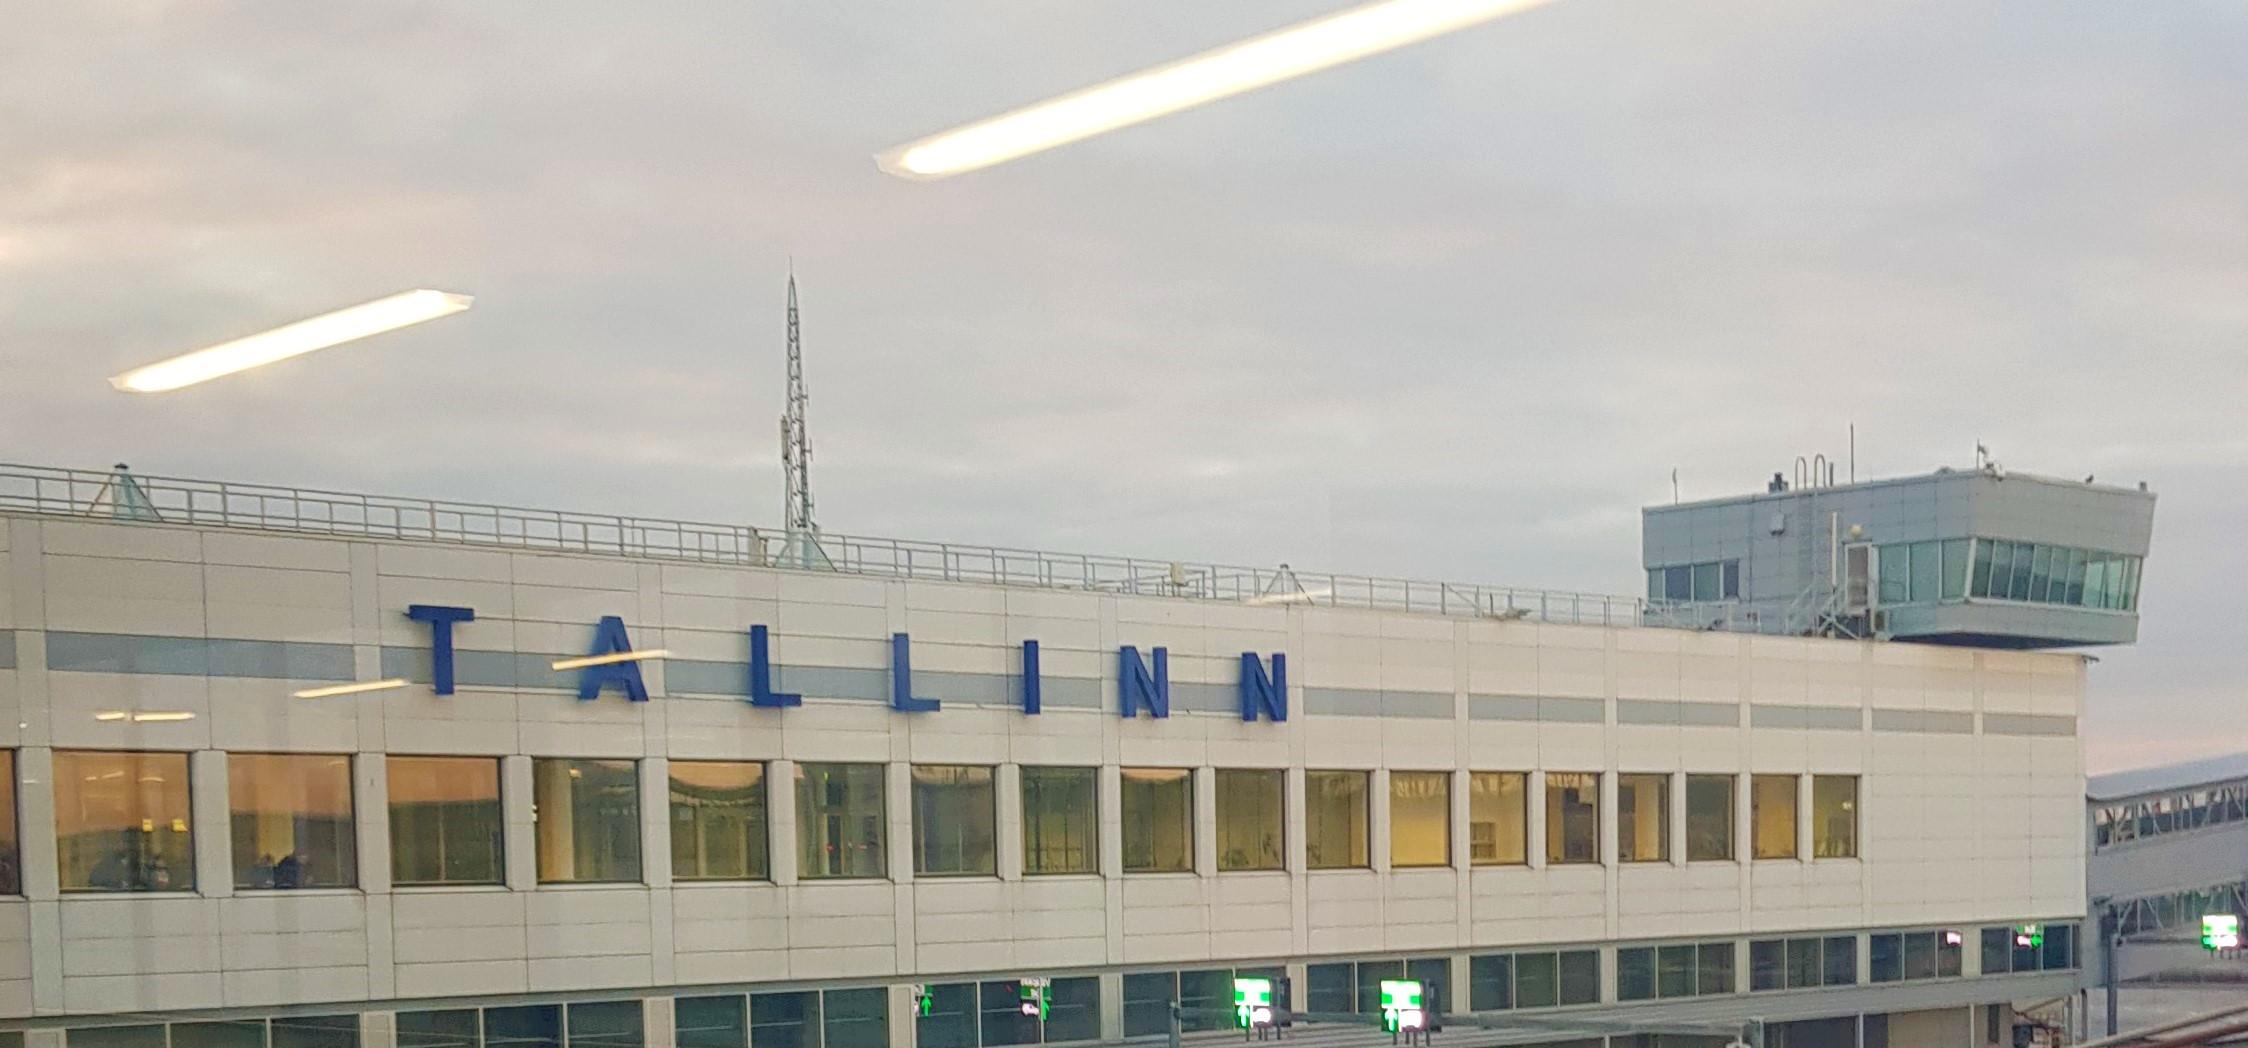 Edificio del puerto de Tallin.